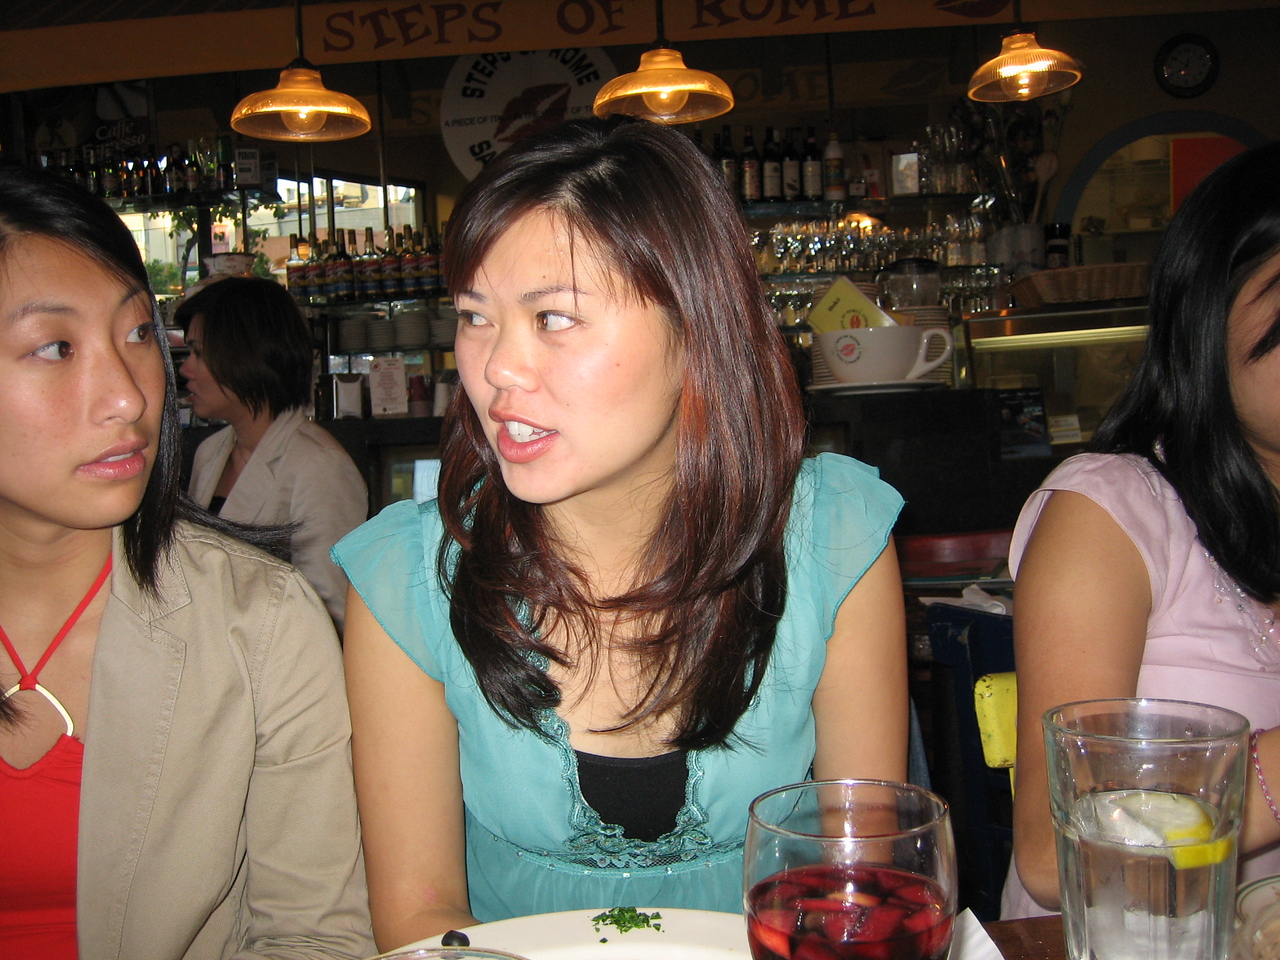 2005 06 04 Saturday - Debbie & Tiffany candid